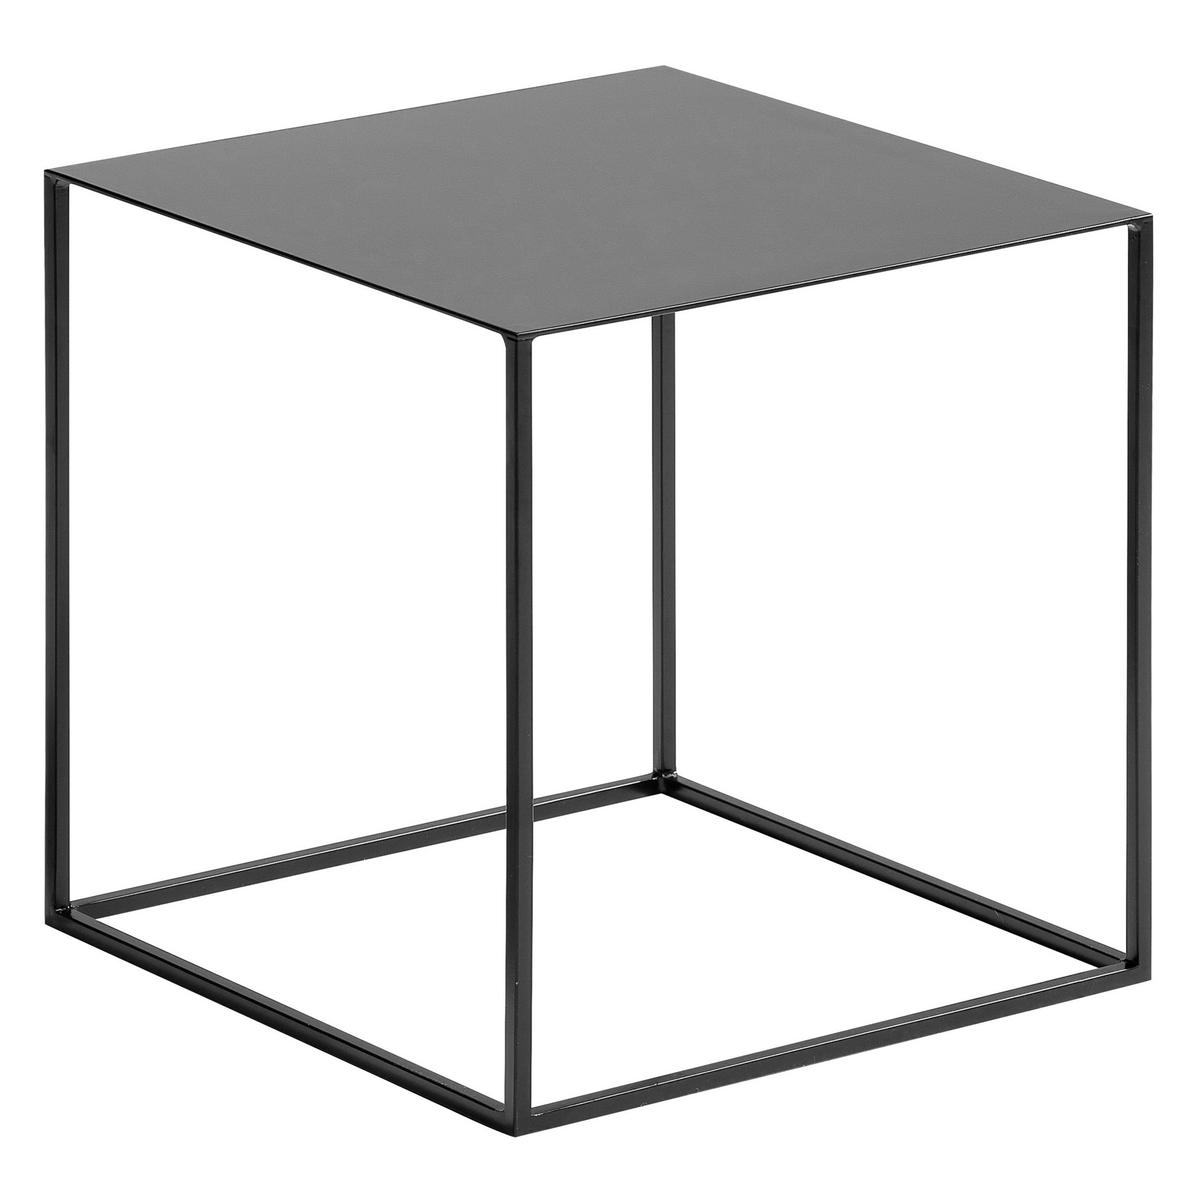 Столик из лакированного металла, RomyСтолик Romy. Очень элегантный столик кубической формы из лакированного металла и ножками из тонкой трубки  . Описание : - лакированный металл Размеры : - 40 x 40 x 40 см<br><br>Цвет: серый,черный